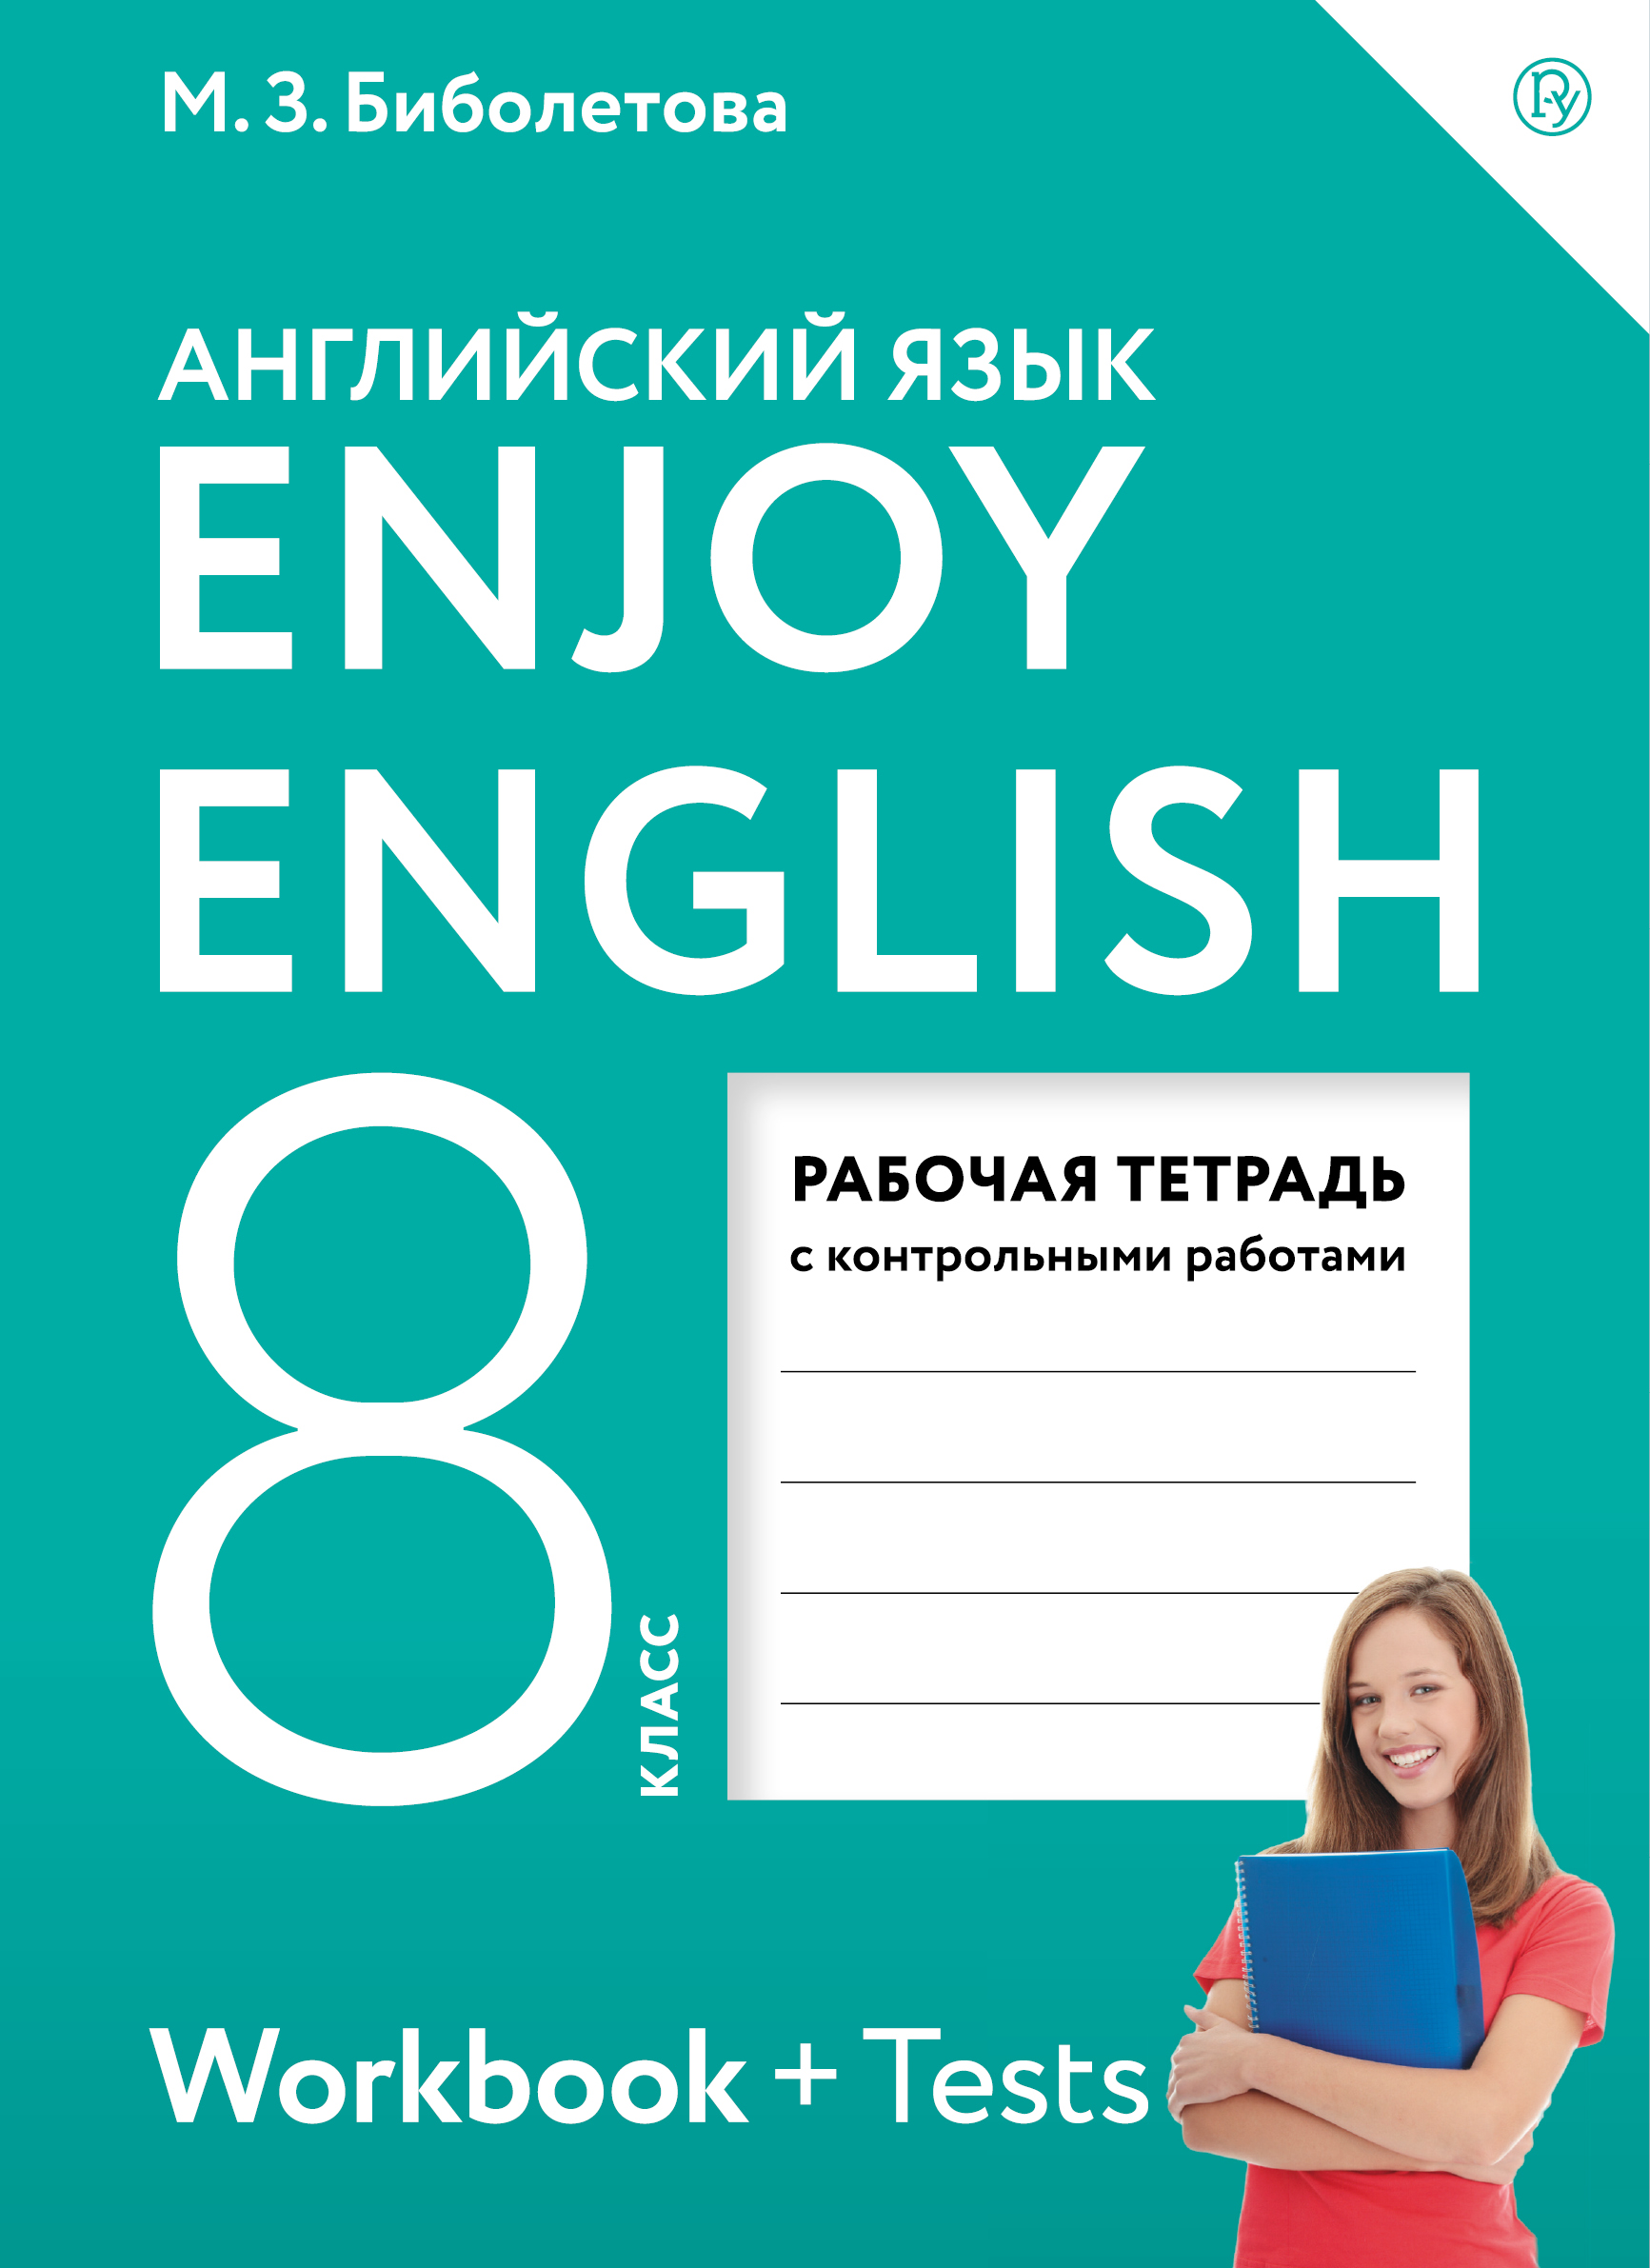 Биболетова М.З., Бабушис Е.Е. Enjoy English/Английский с удовольствием. 8 класс. Рабочая тетрадь знаток книга english говорящий букварь рабочая тетрадь